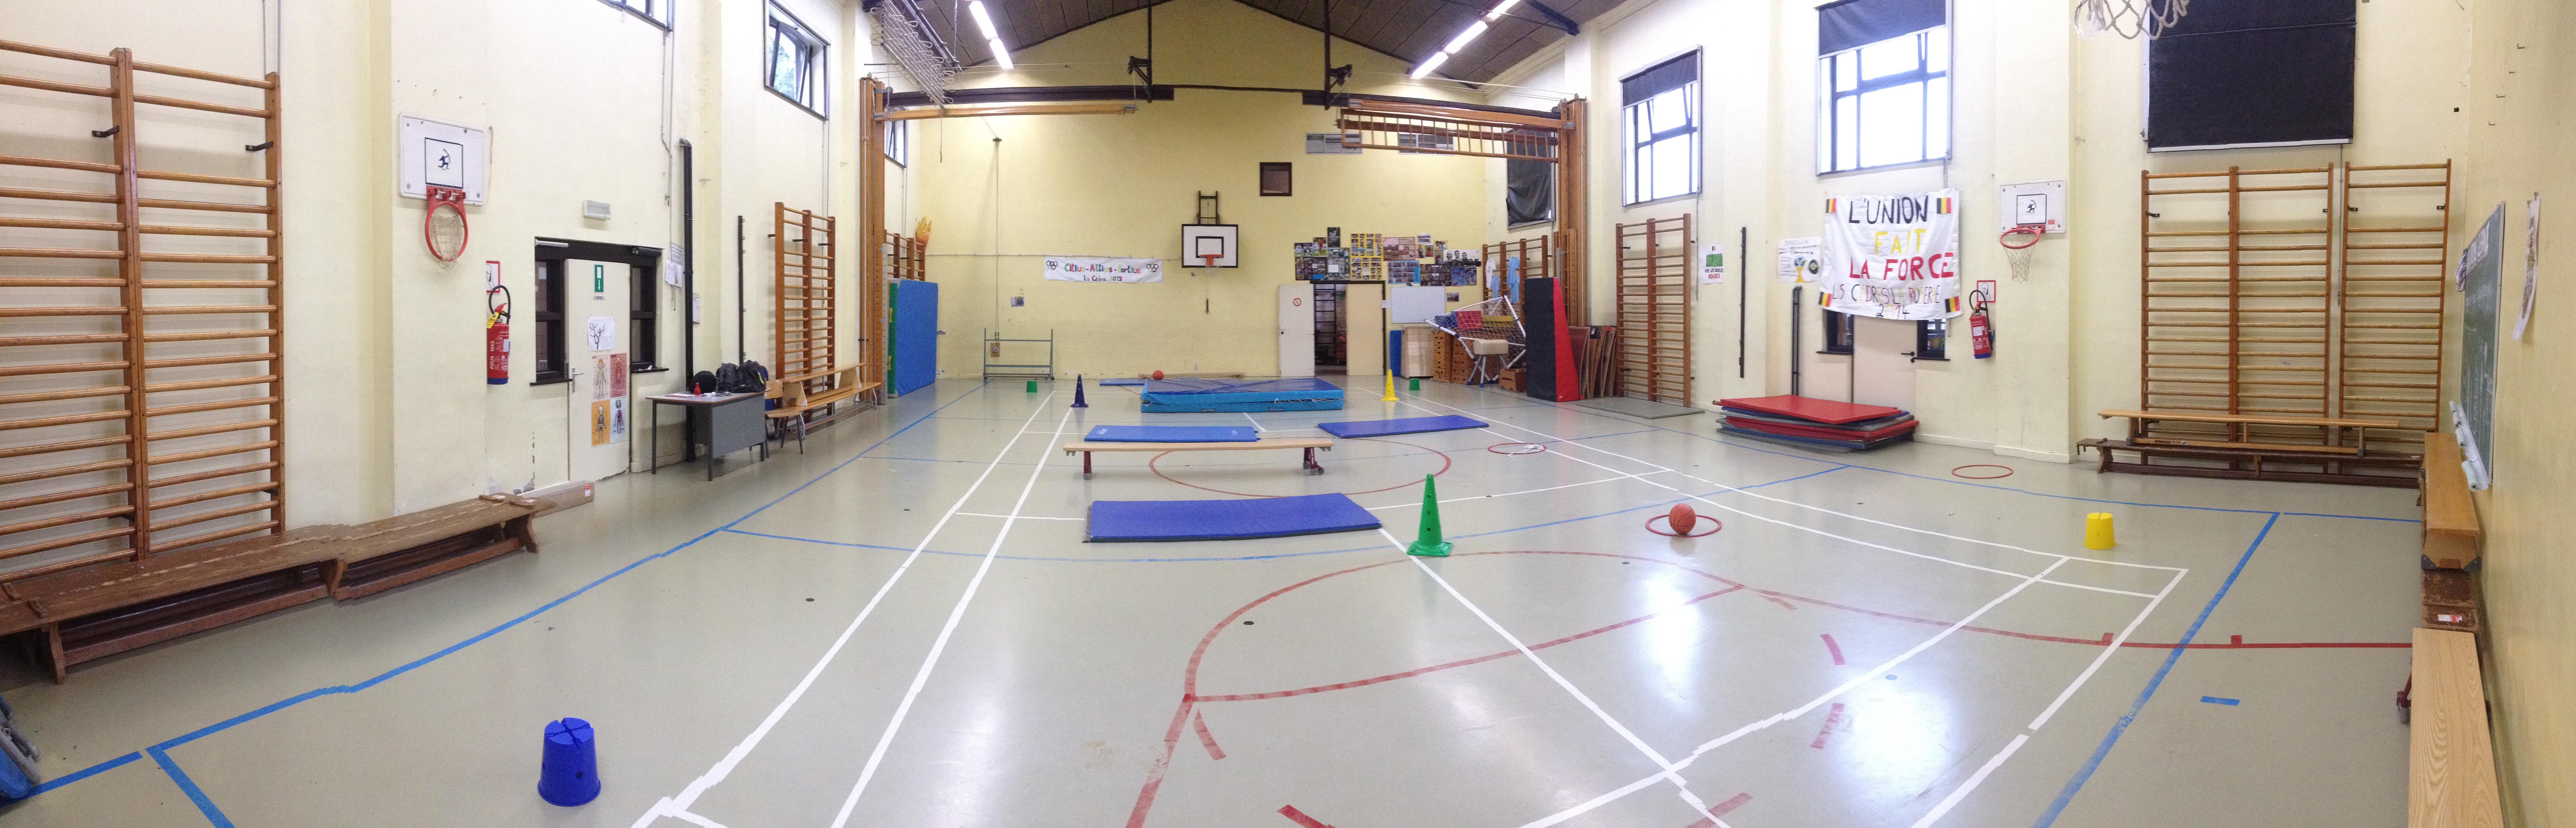 Salle de gymnastique